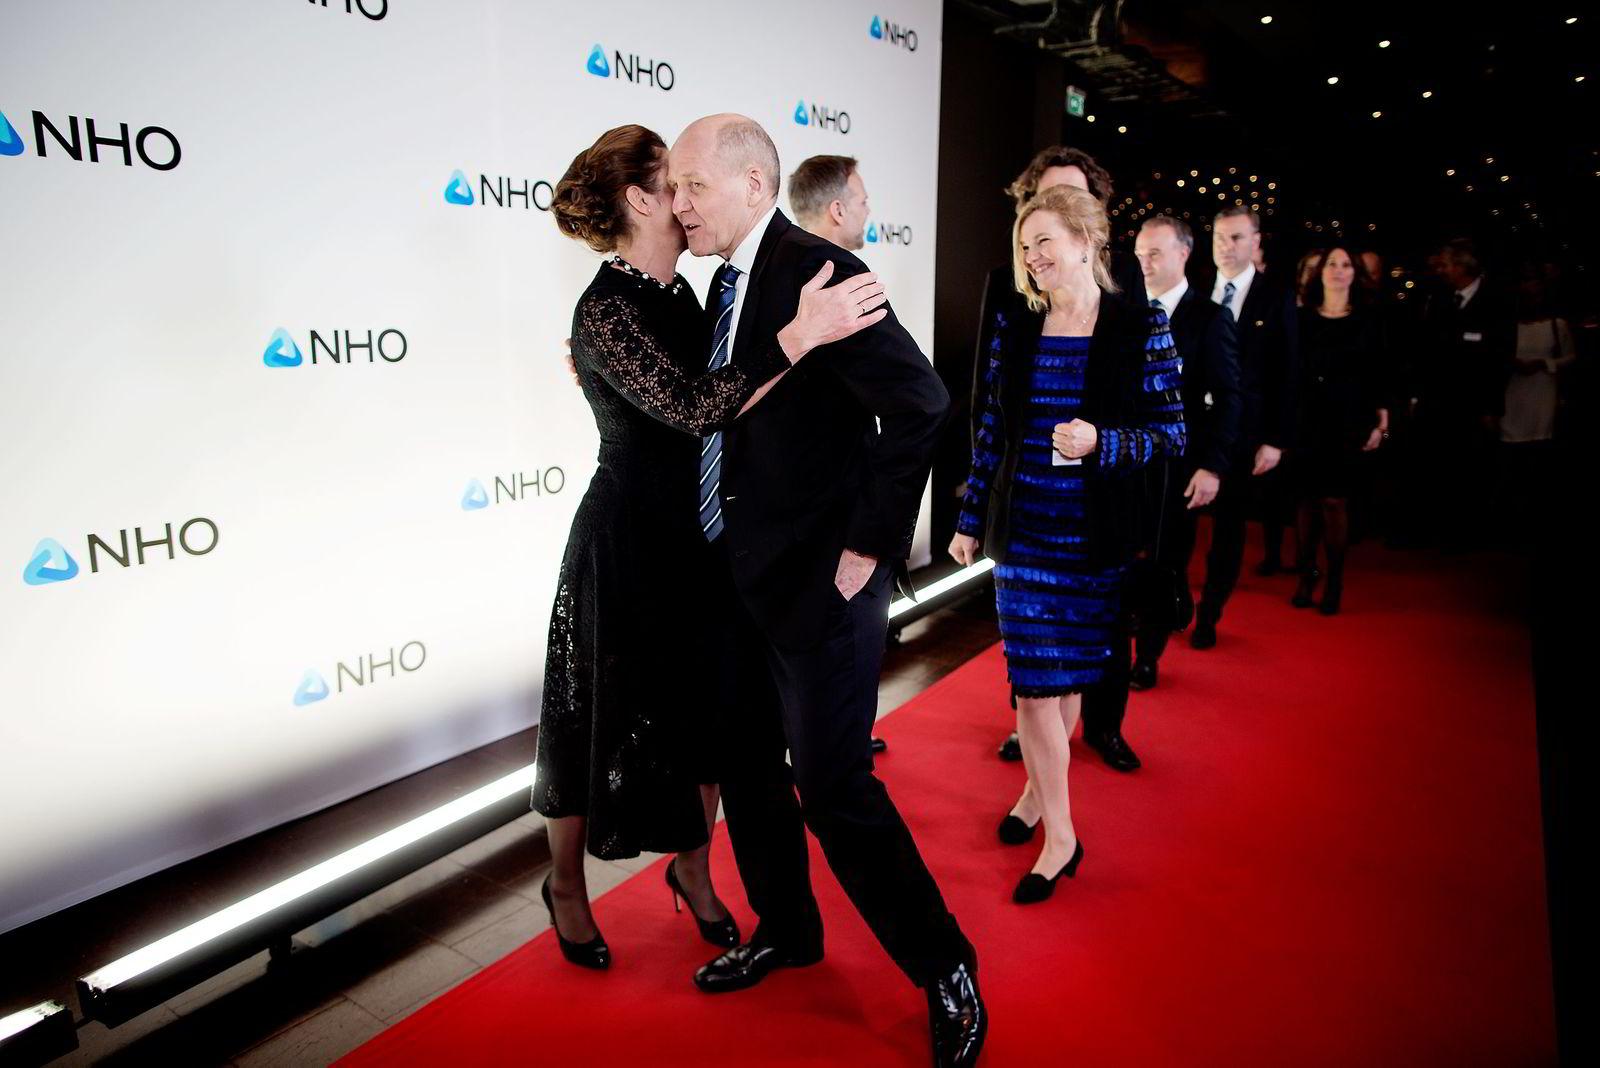 NHOs Kristin Skogen Lund fikk en klem da Sigve Brekke i Telenor ankom festmiddagen i anledning NHOs årskonferanse i Oslo Spektrum torsdag kveld.